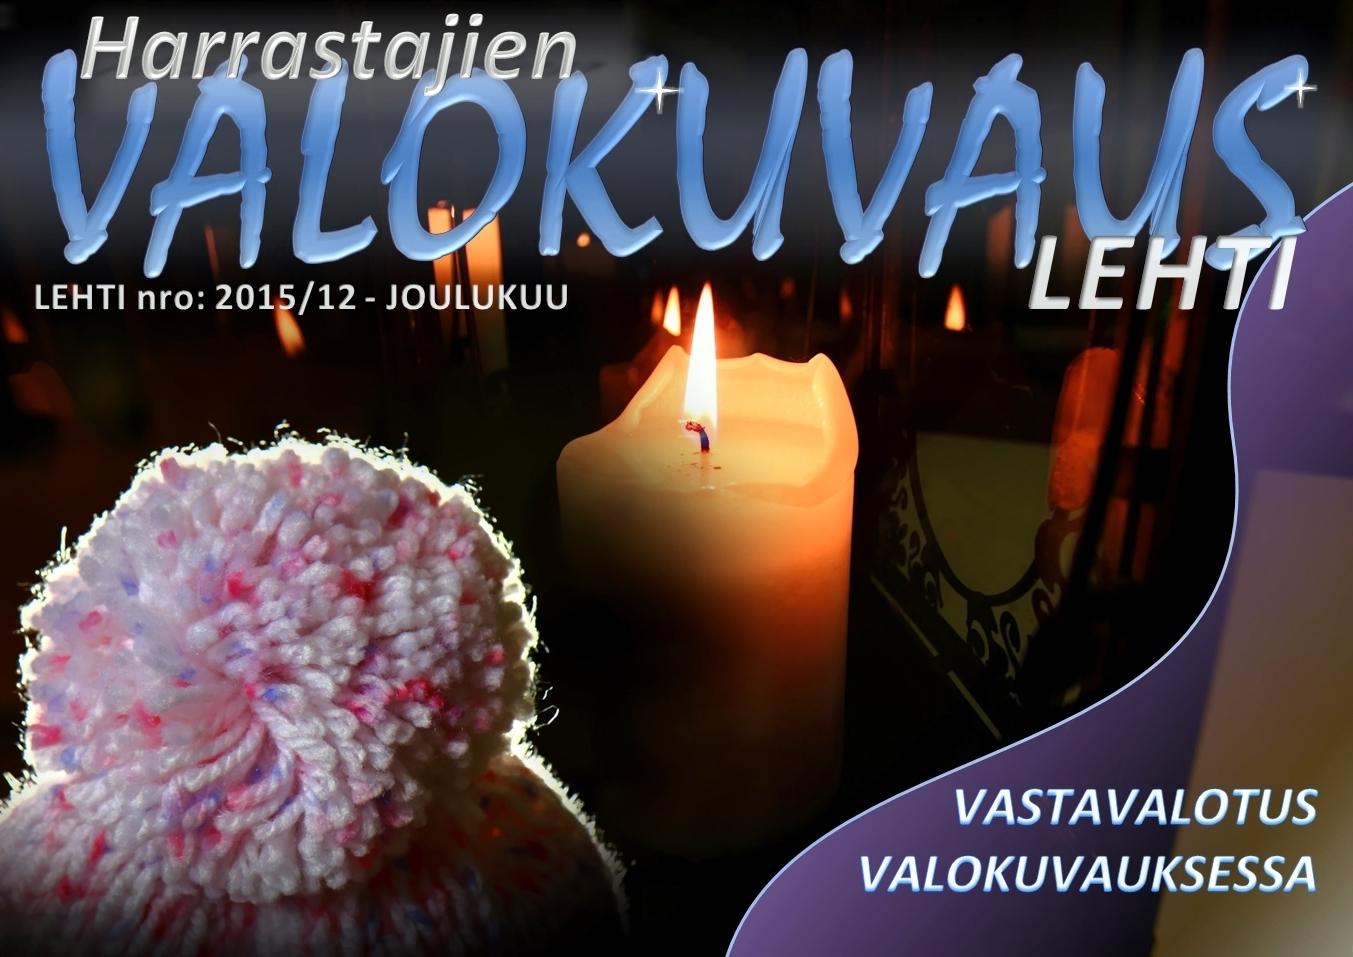 VALOKUVAUS-LEHTI 2015/12